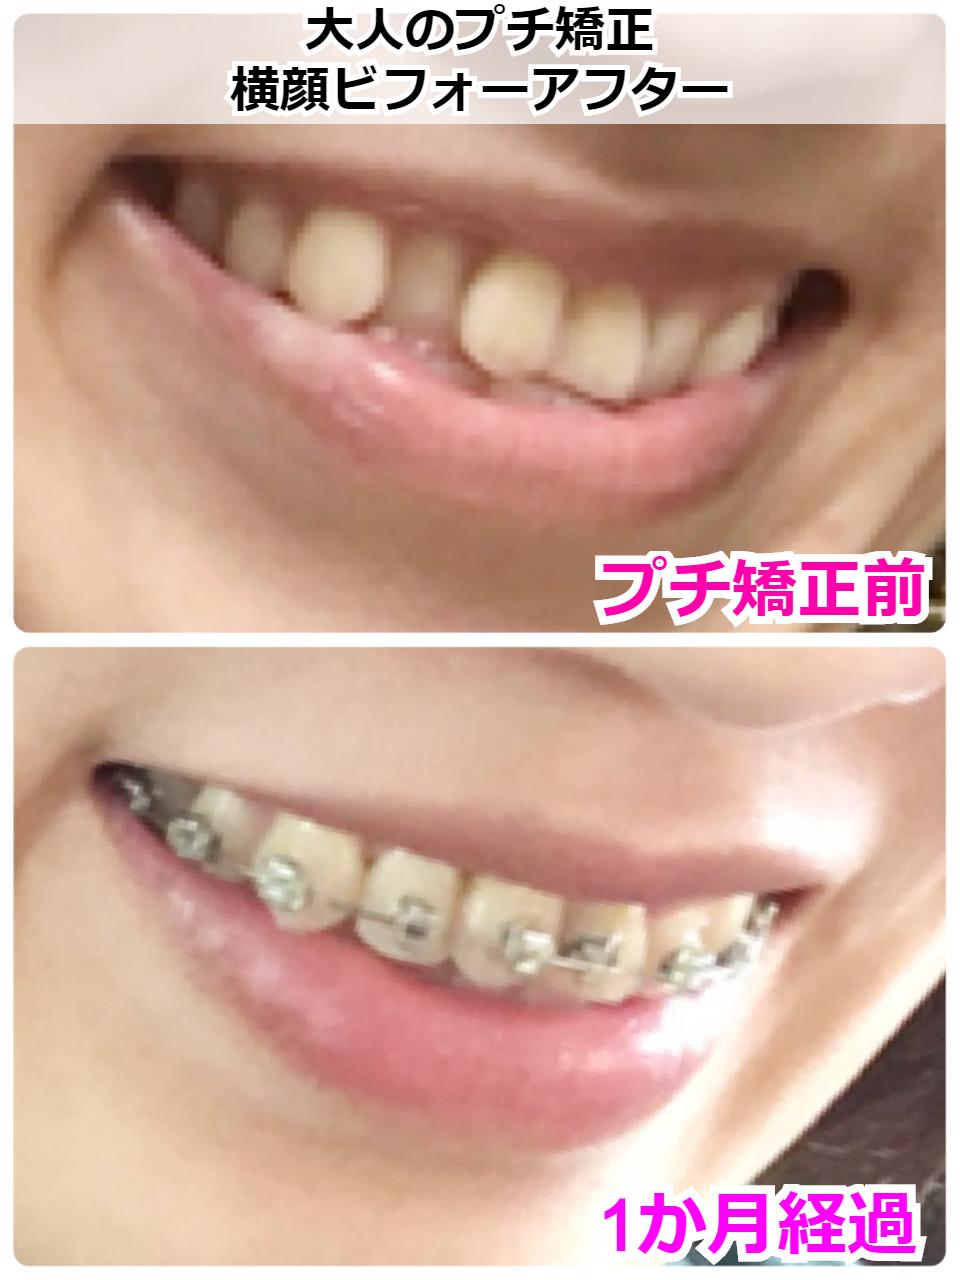 サイドからの歯並びビフォーアフター